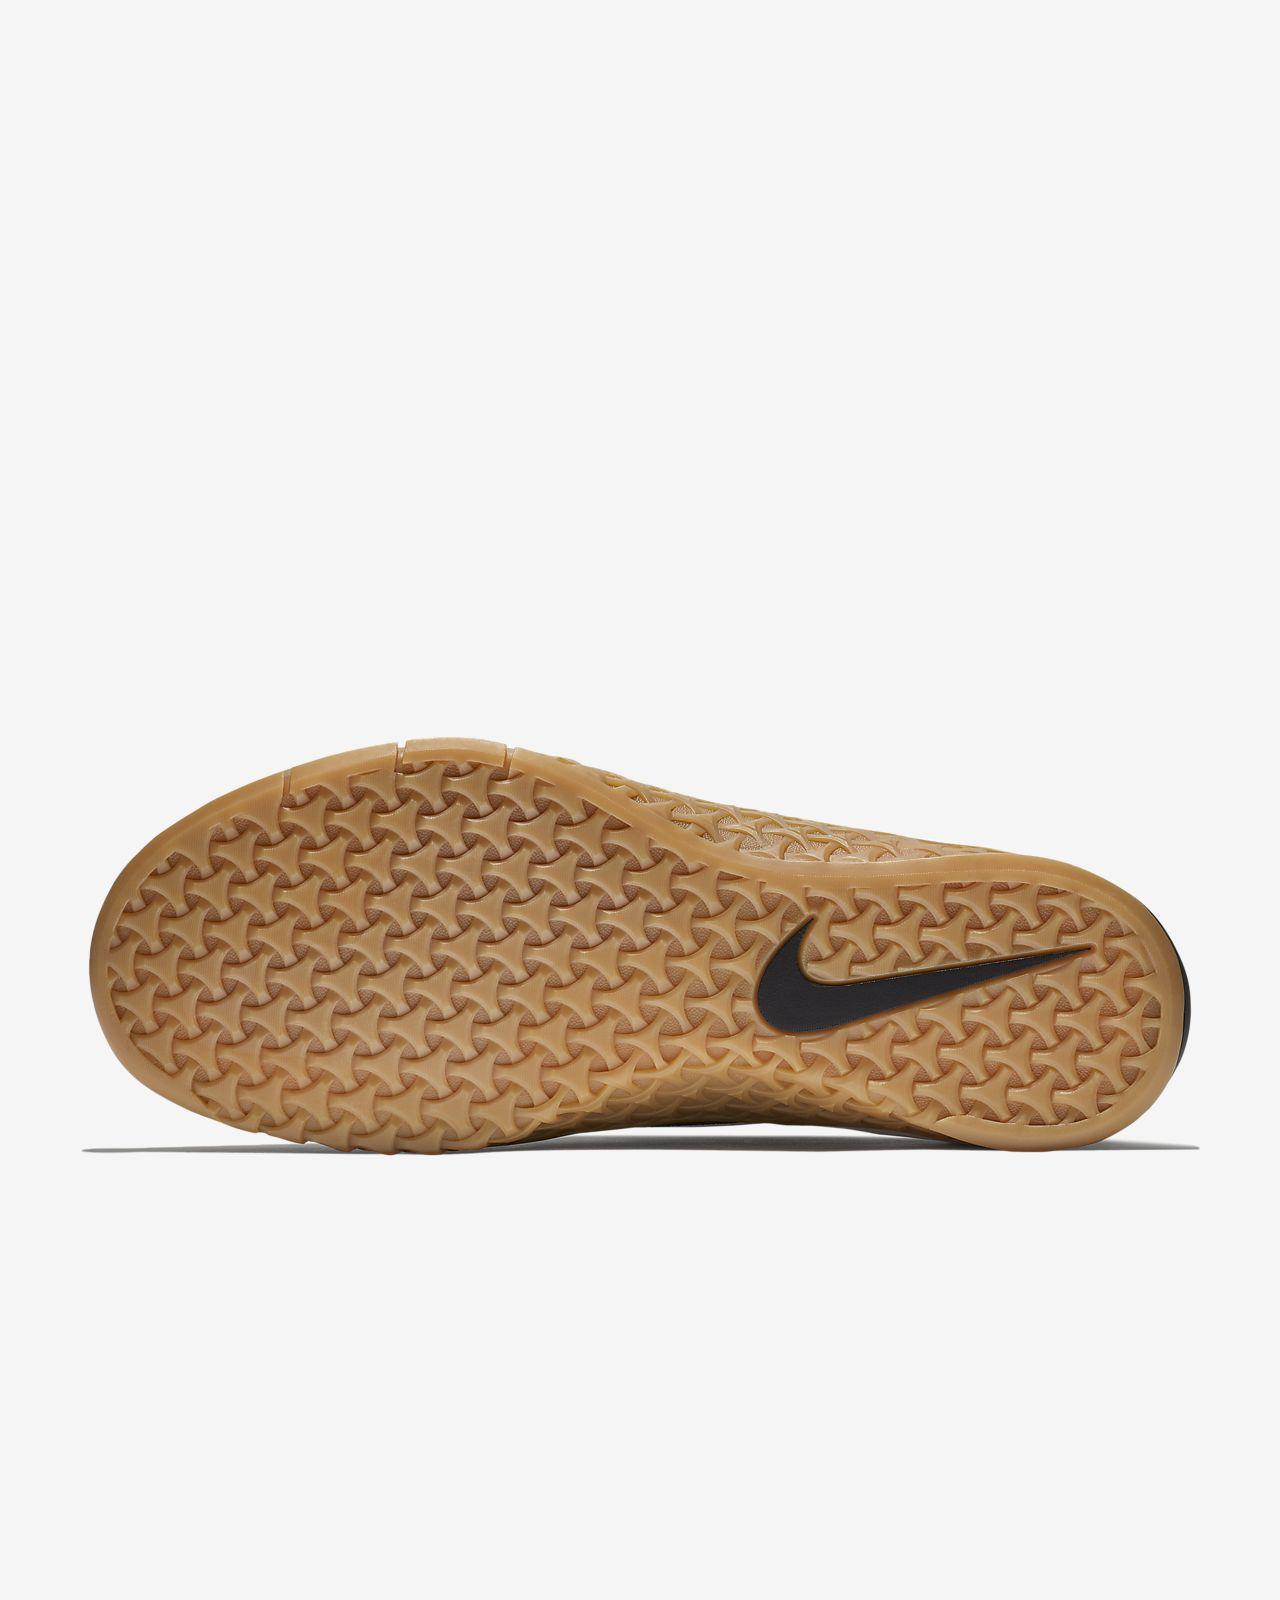 1f72249e78d ... Calzado de cross-training y levantamiento de pesas para hombre Nike  Metcon 4